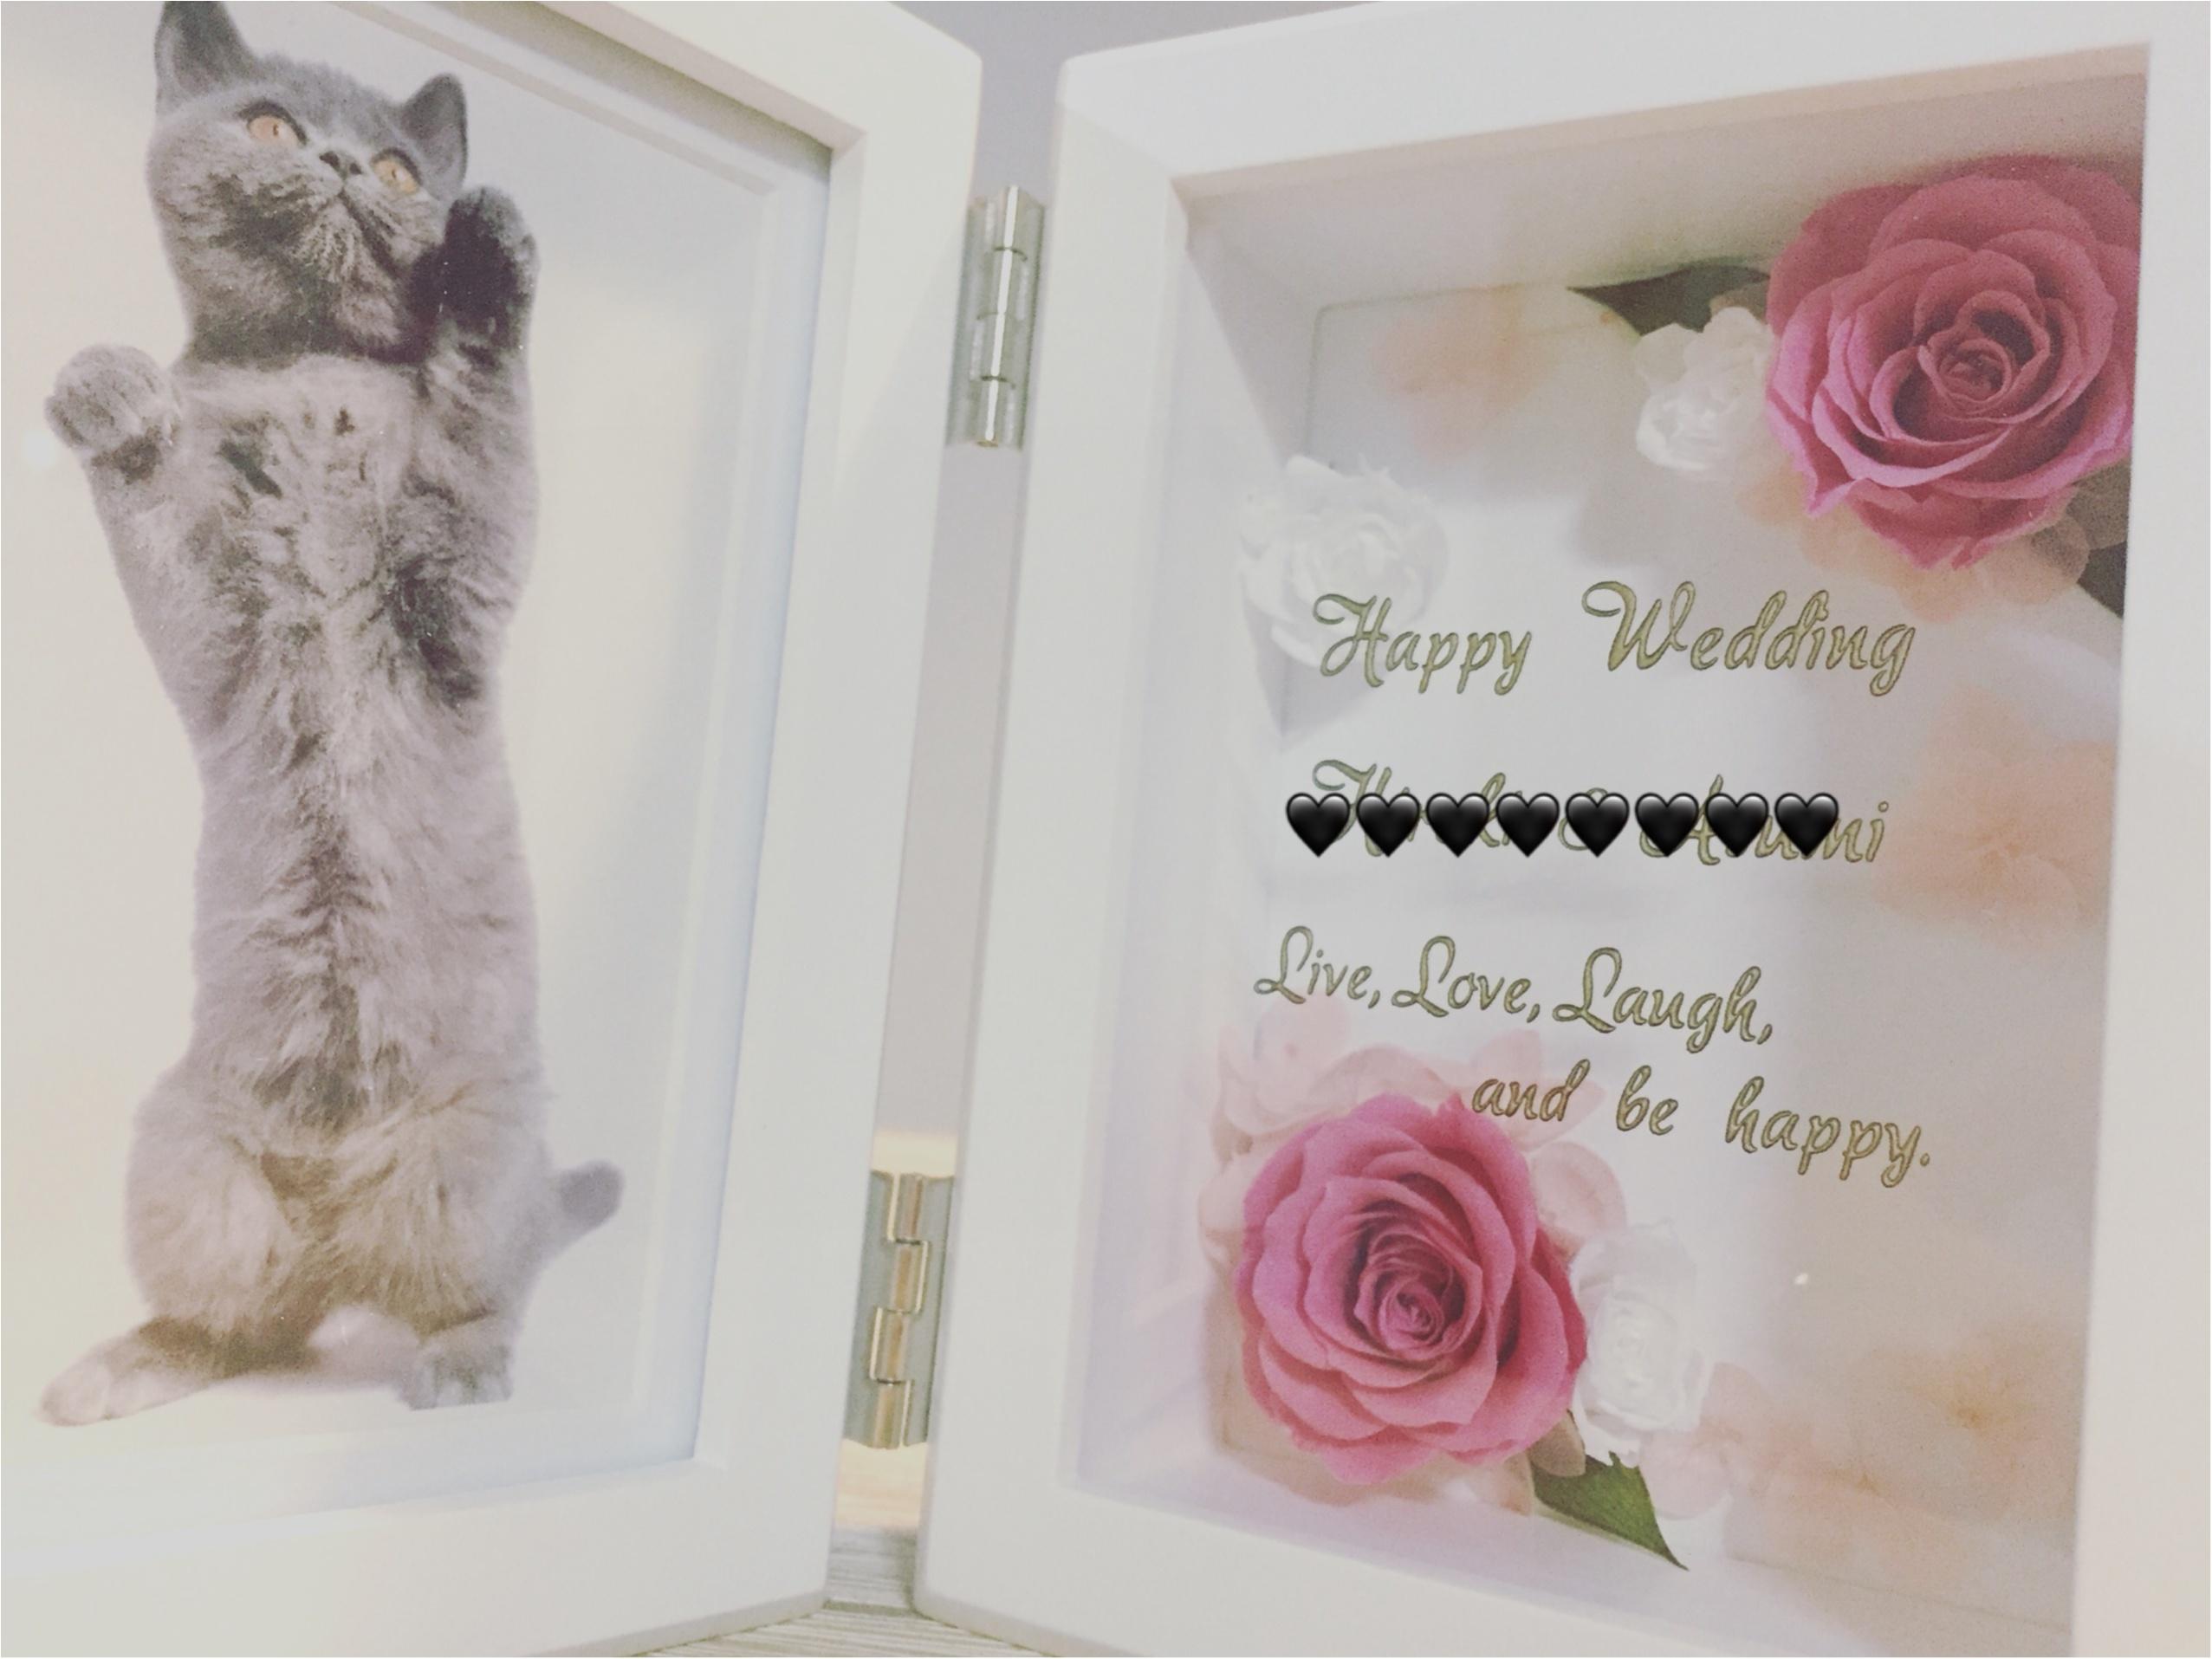 ❤︎結婚祝いにはコレがおススメ❤︎枯れない花で『末長い幸せ』を願う気持ちを贈ろう!_1